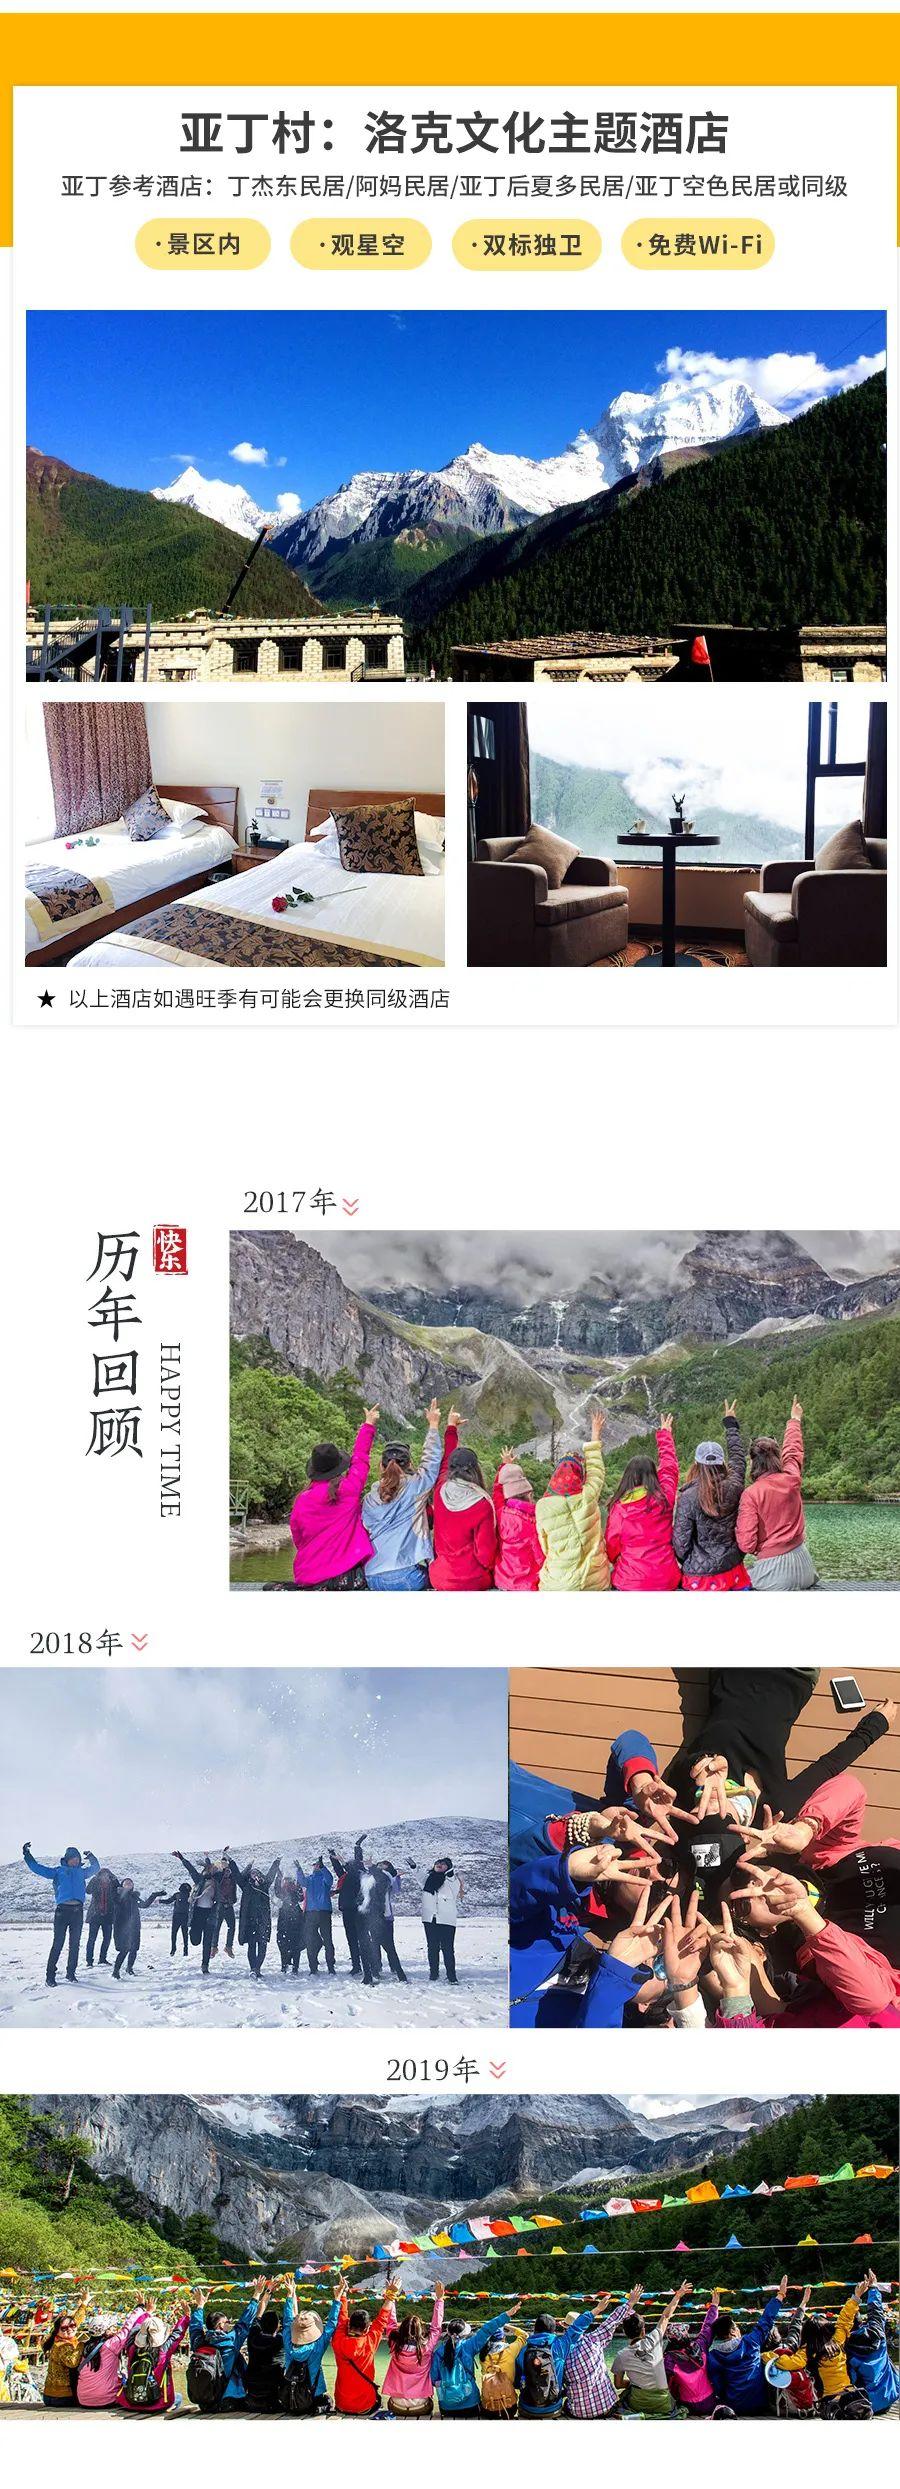 (13)【大美稻亚.8日】2020川西网红大环线-户外活动图-驼铃网